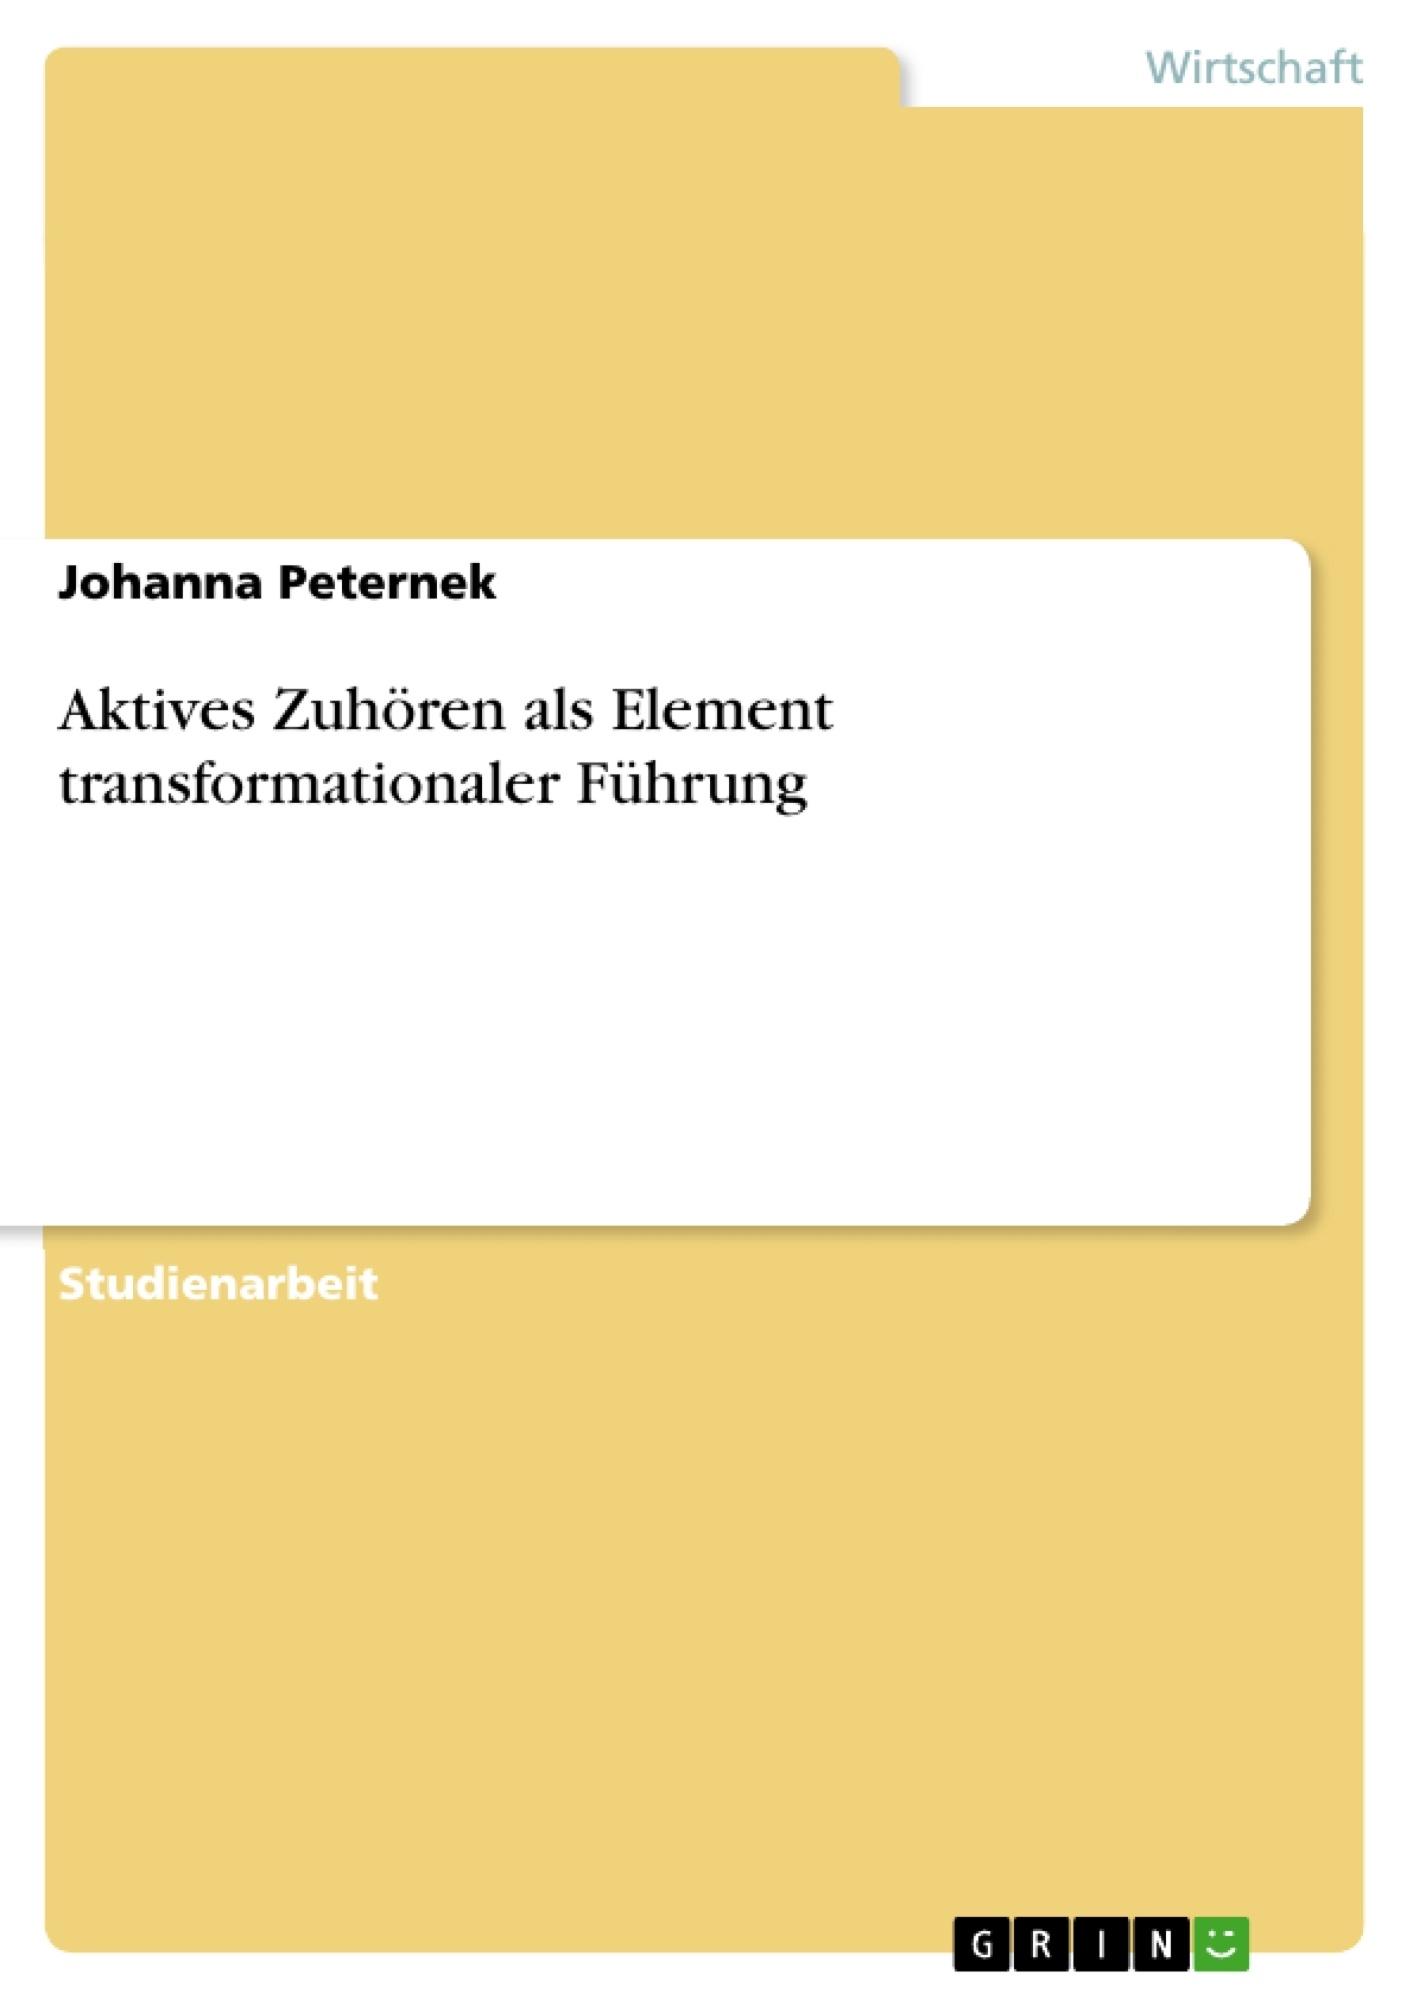 Titel: Aktives Zuhören als Element transformationaler Führung